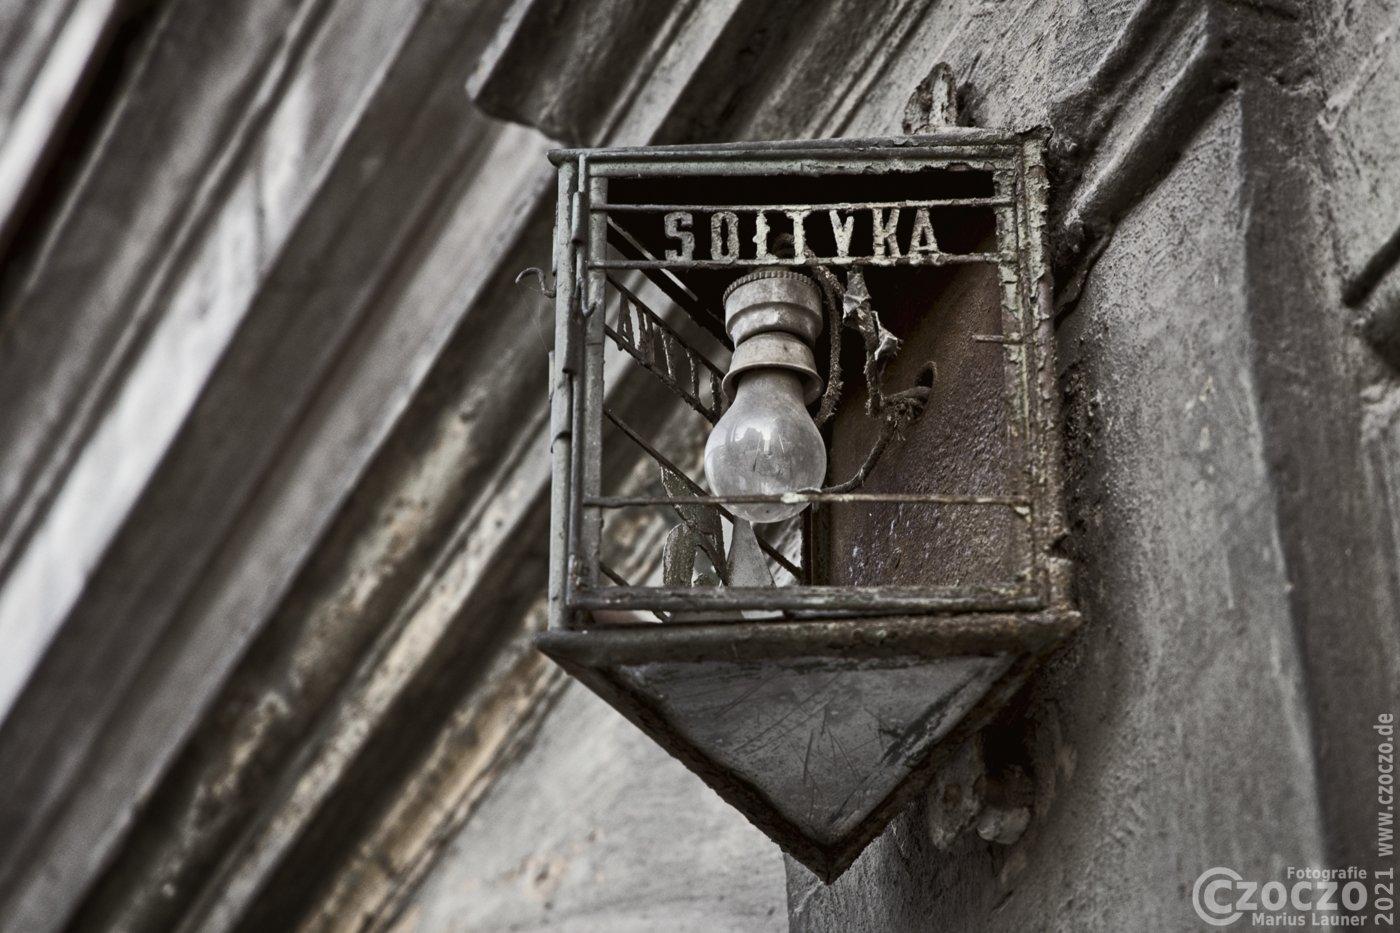 20190703-Soltyka-9A1A0434-Kopie